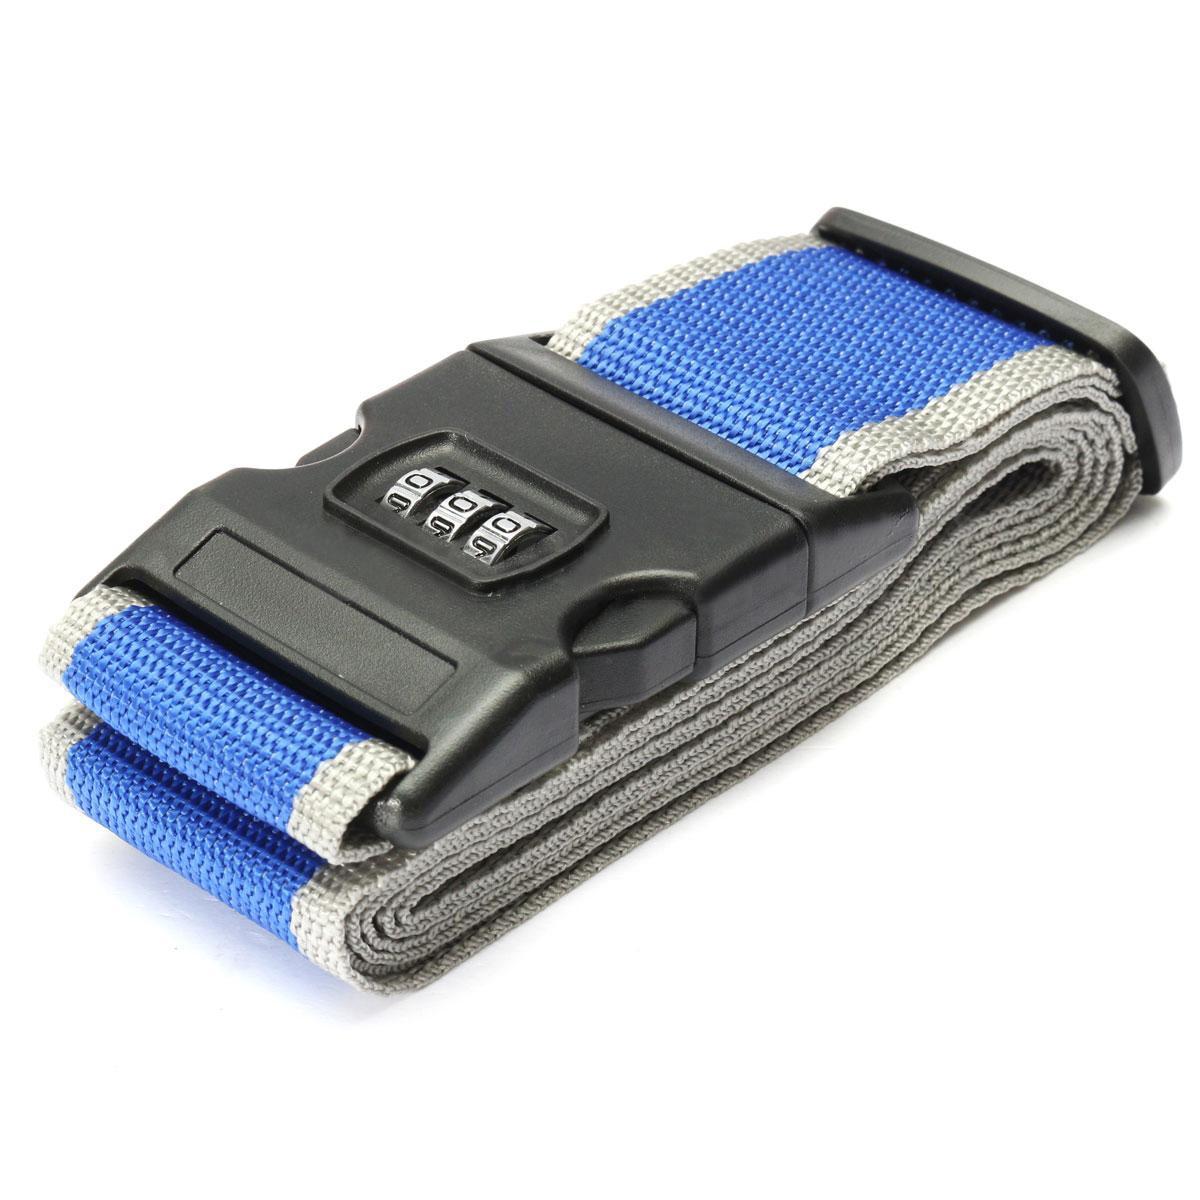 Safety belt Belt Lock Combination Travel Luggage Suitcase band merkur 45 bakelite safety razor travel set